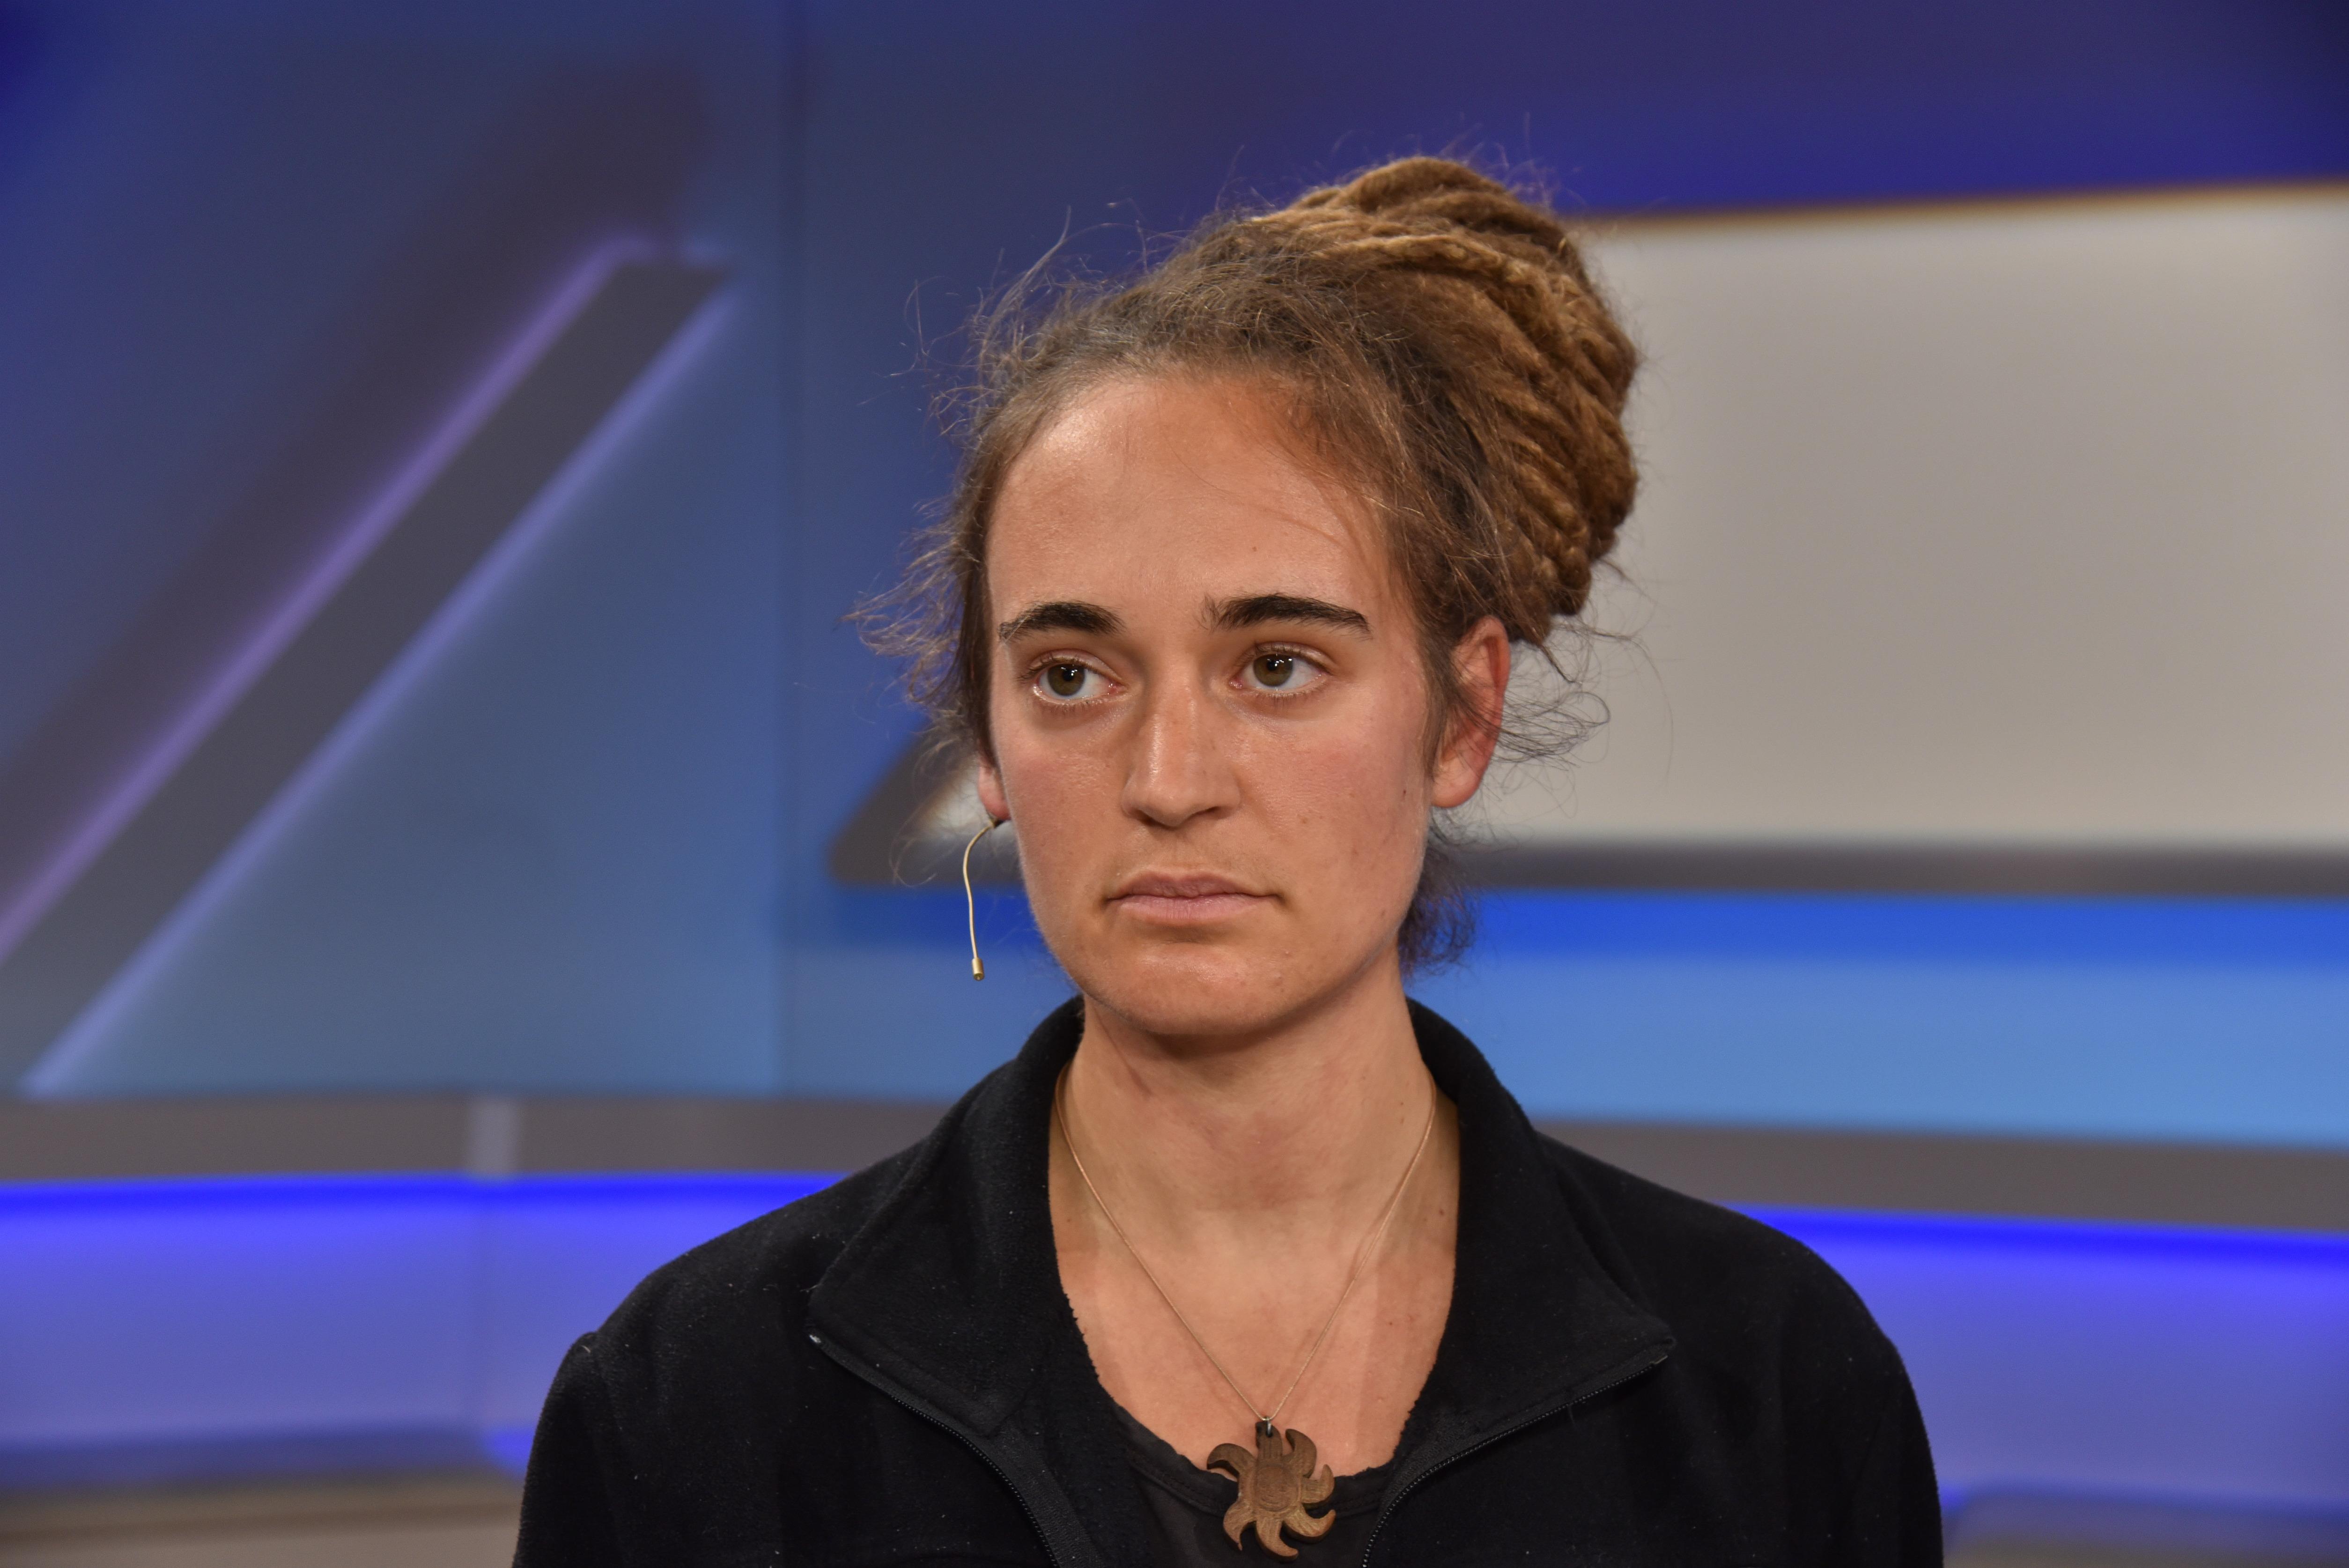 Az olasz legfelsőbb bíróság szerint Carola Rackete a kötelességét teljesítette, amikor kikötött a menekülteket szállító hajóval Olaszországban